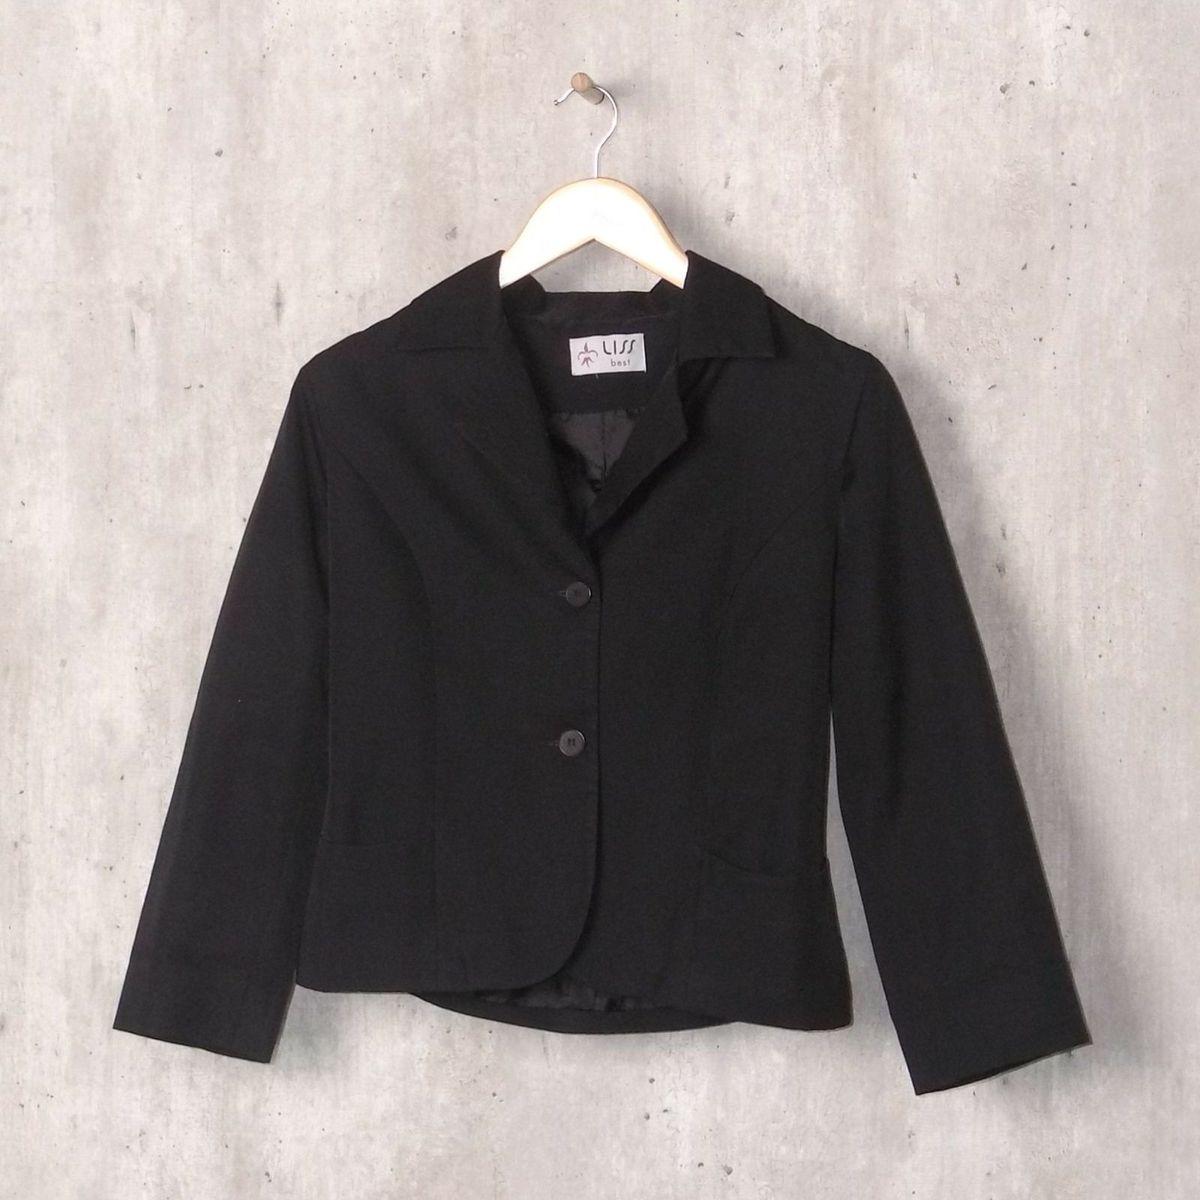 c79b07d796 blazer preto social - casaquinhos liss best.  Czm6ly9wag90b3muzw5qb2vplmnvbs5ici9wcm9kdwn0cy83mzk0mtqxlzexzdqwnjfly2nlyzi3otllymyyzmuyotjhnjhjyji1lmpwzw